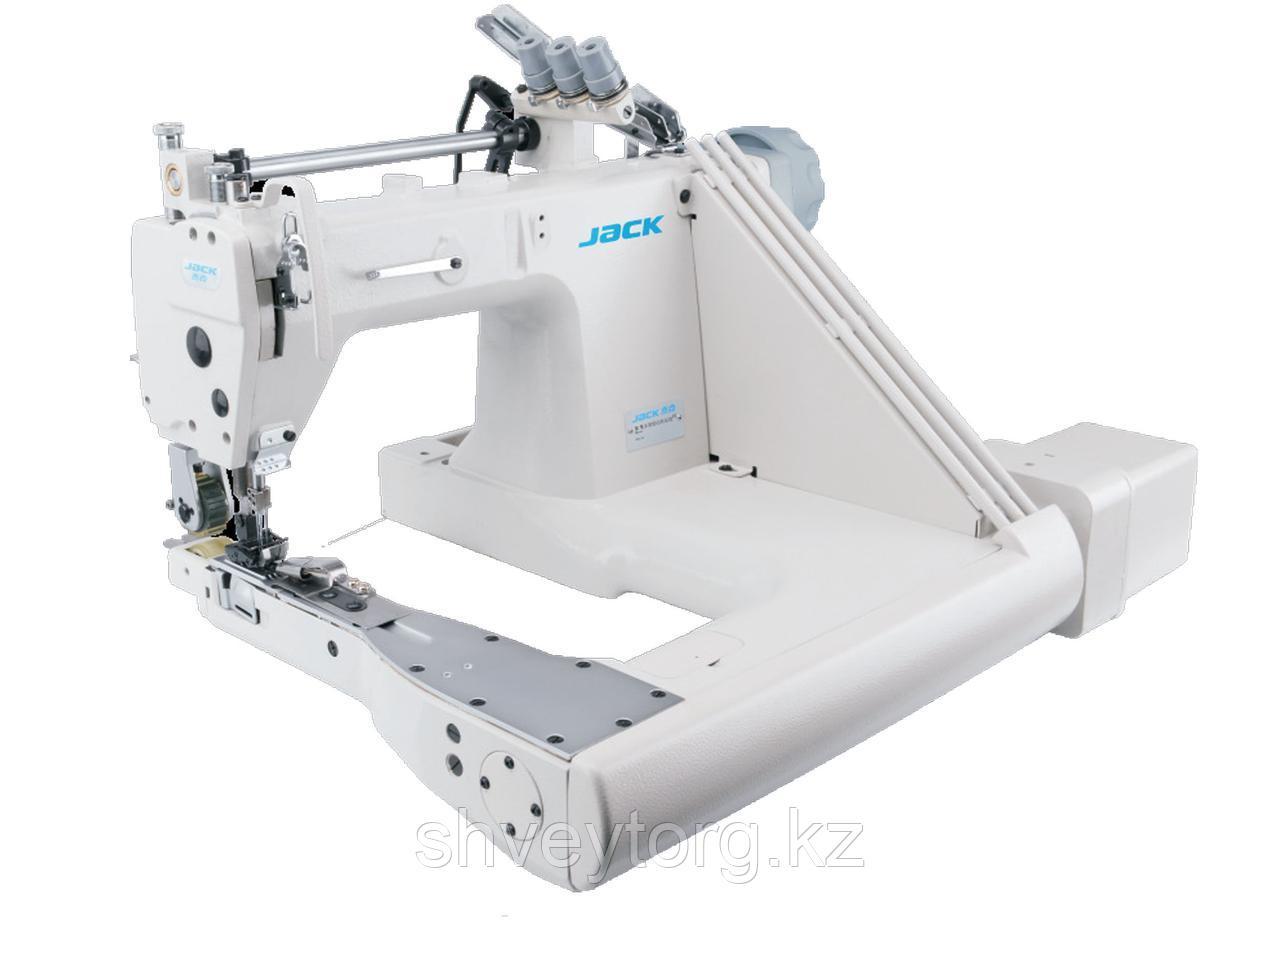 Двухигольная промышленная швейная машина цепного стежка на П-образной платформе Jack 9270D-12-2PLQ